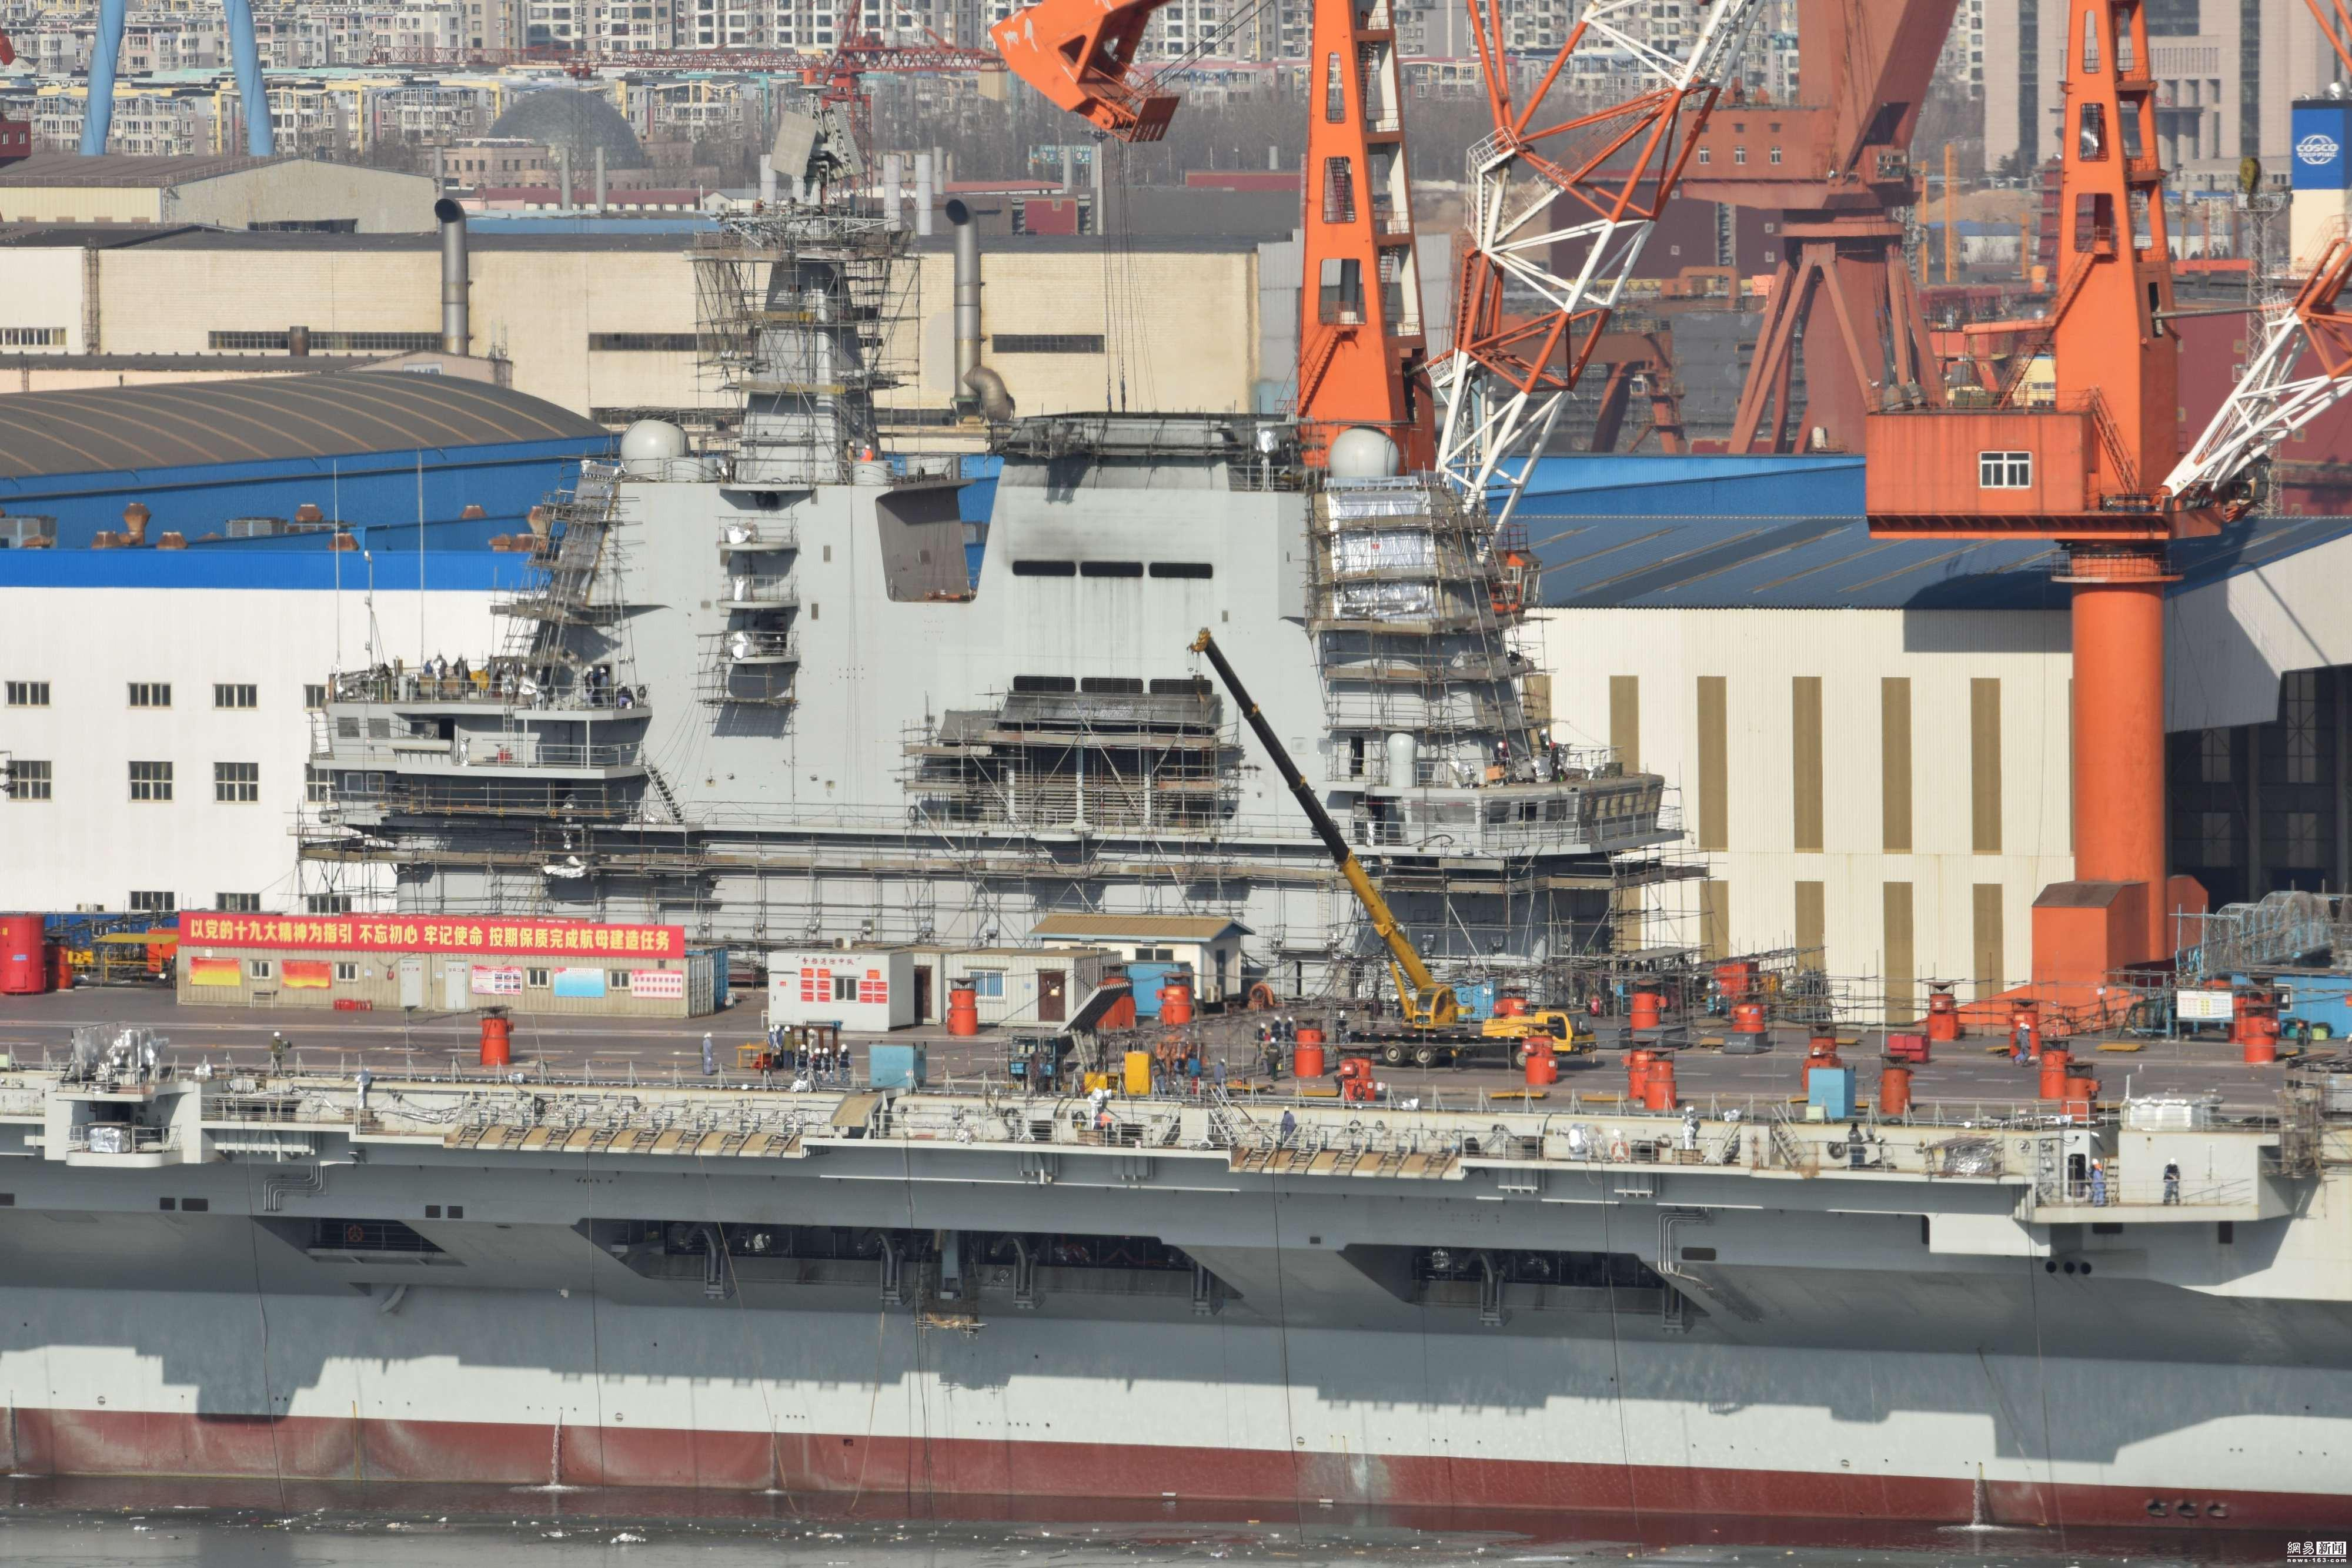 国产航母大批工程人员上舰 春节前后或海试 !!! - 周公乐 - xinhua8848 的博客